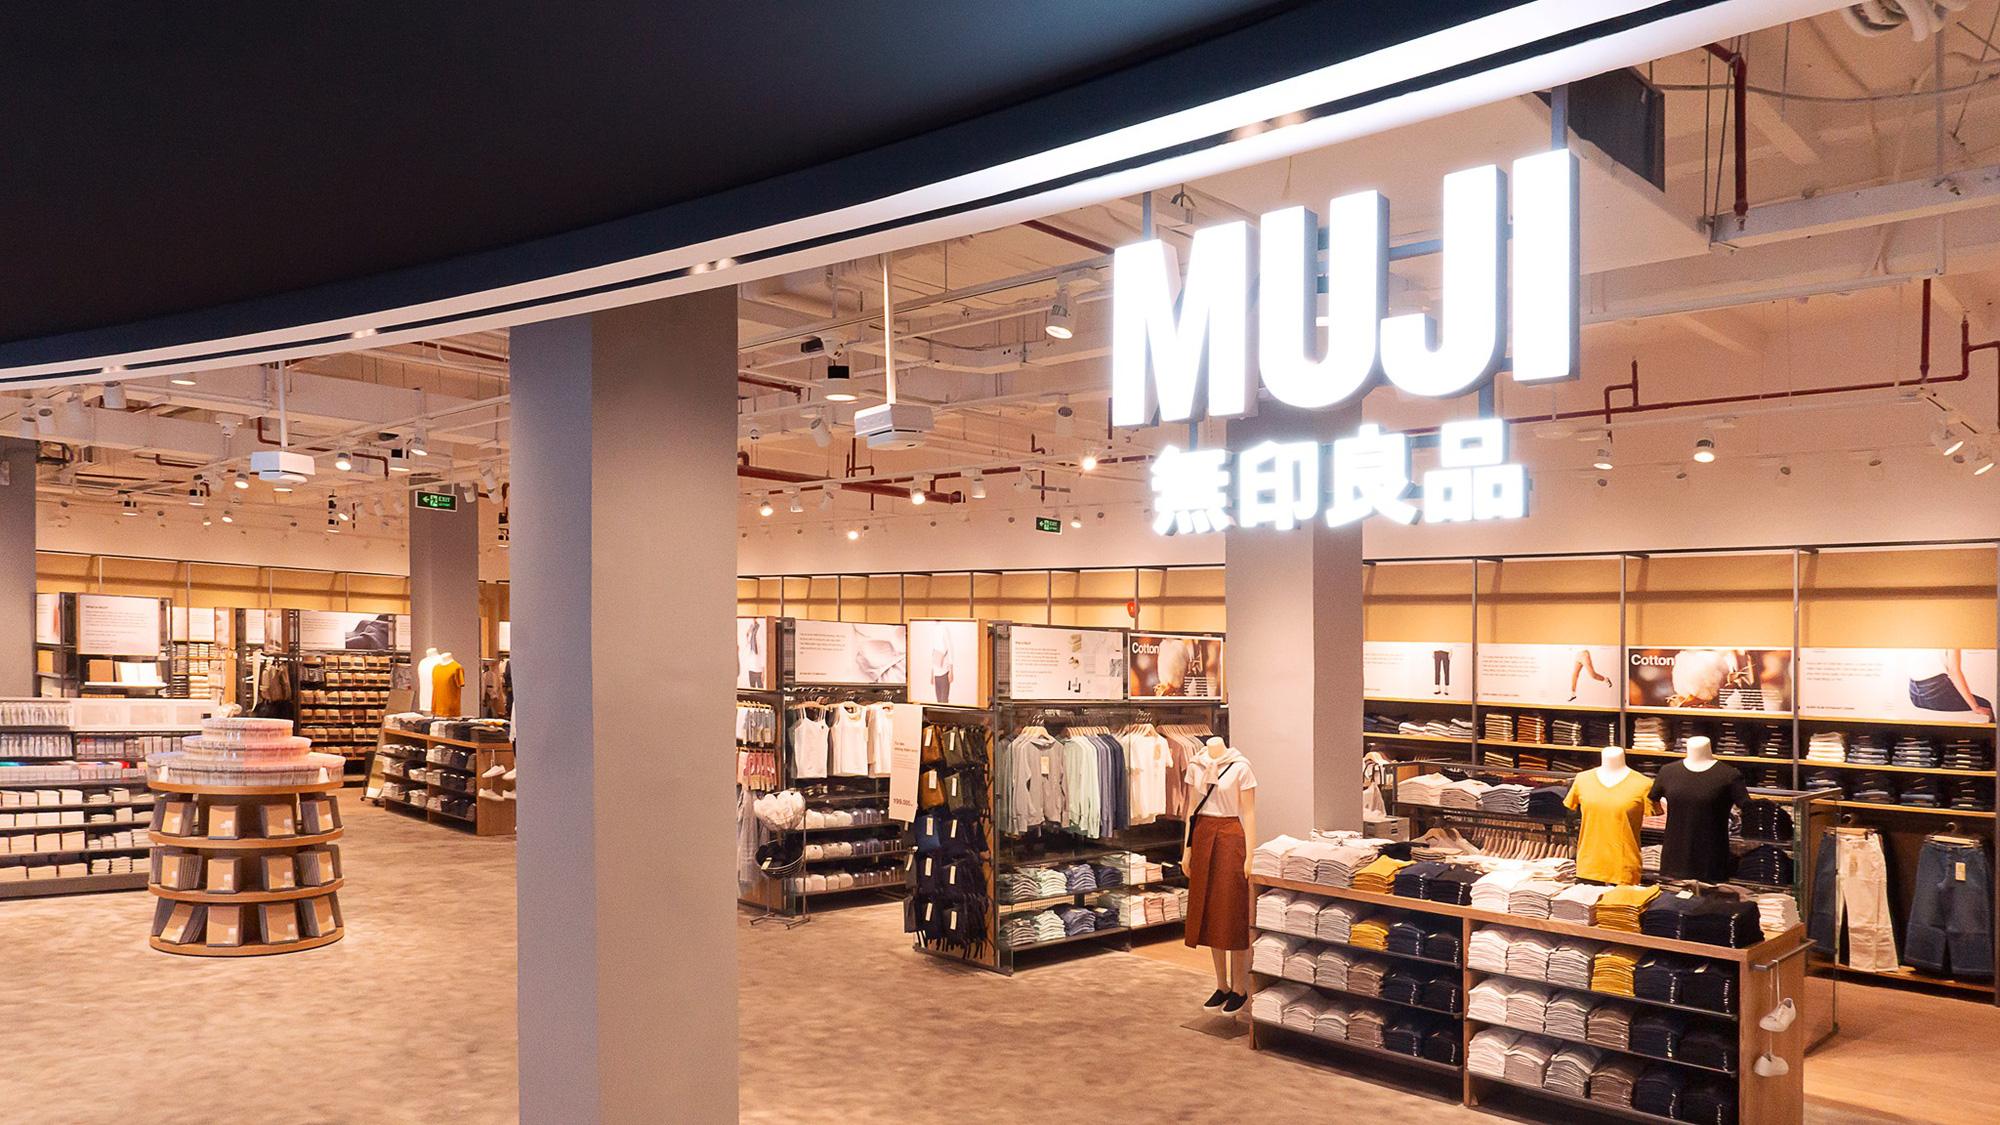 HOT: Muji Việt Nam khai trương store trải nghiệm vào 31/7, hé lộ những hình ảnh nóng hổi đầu tiên - Tin mới - Ảnh 1.